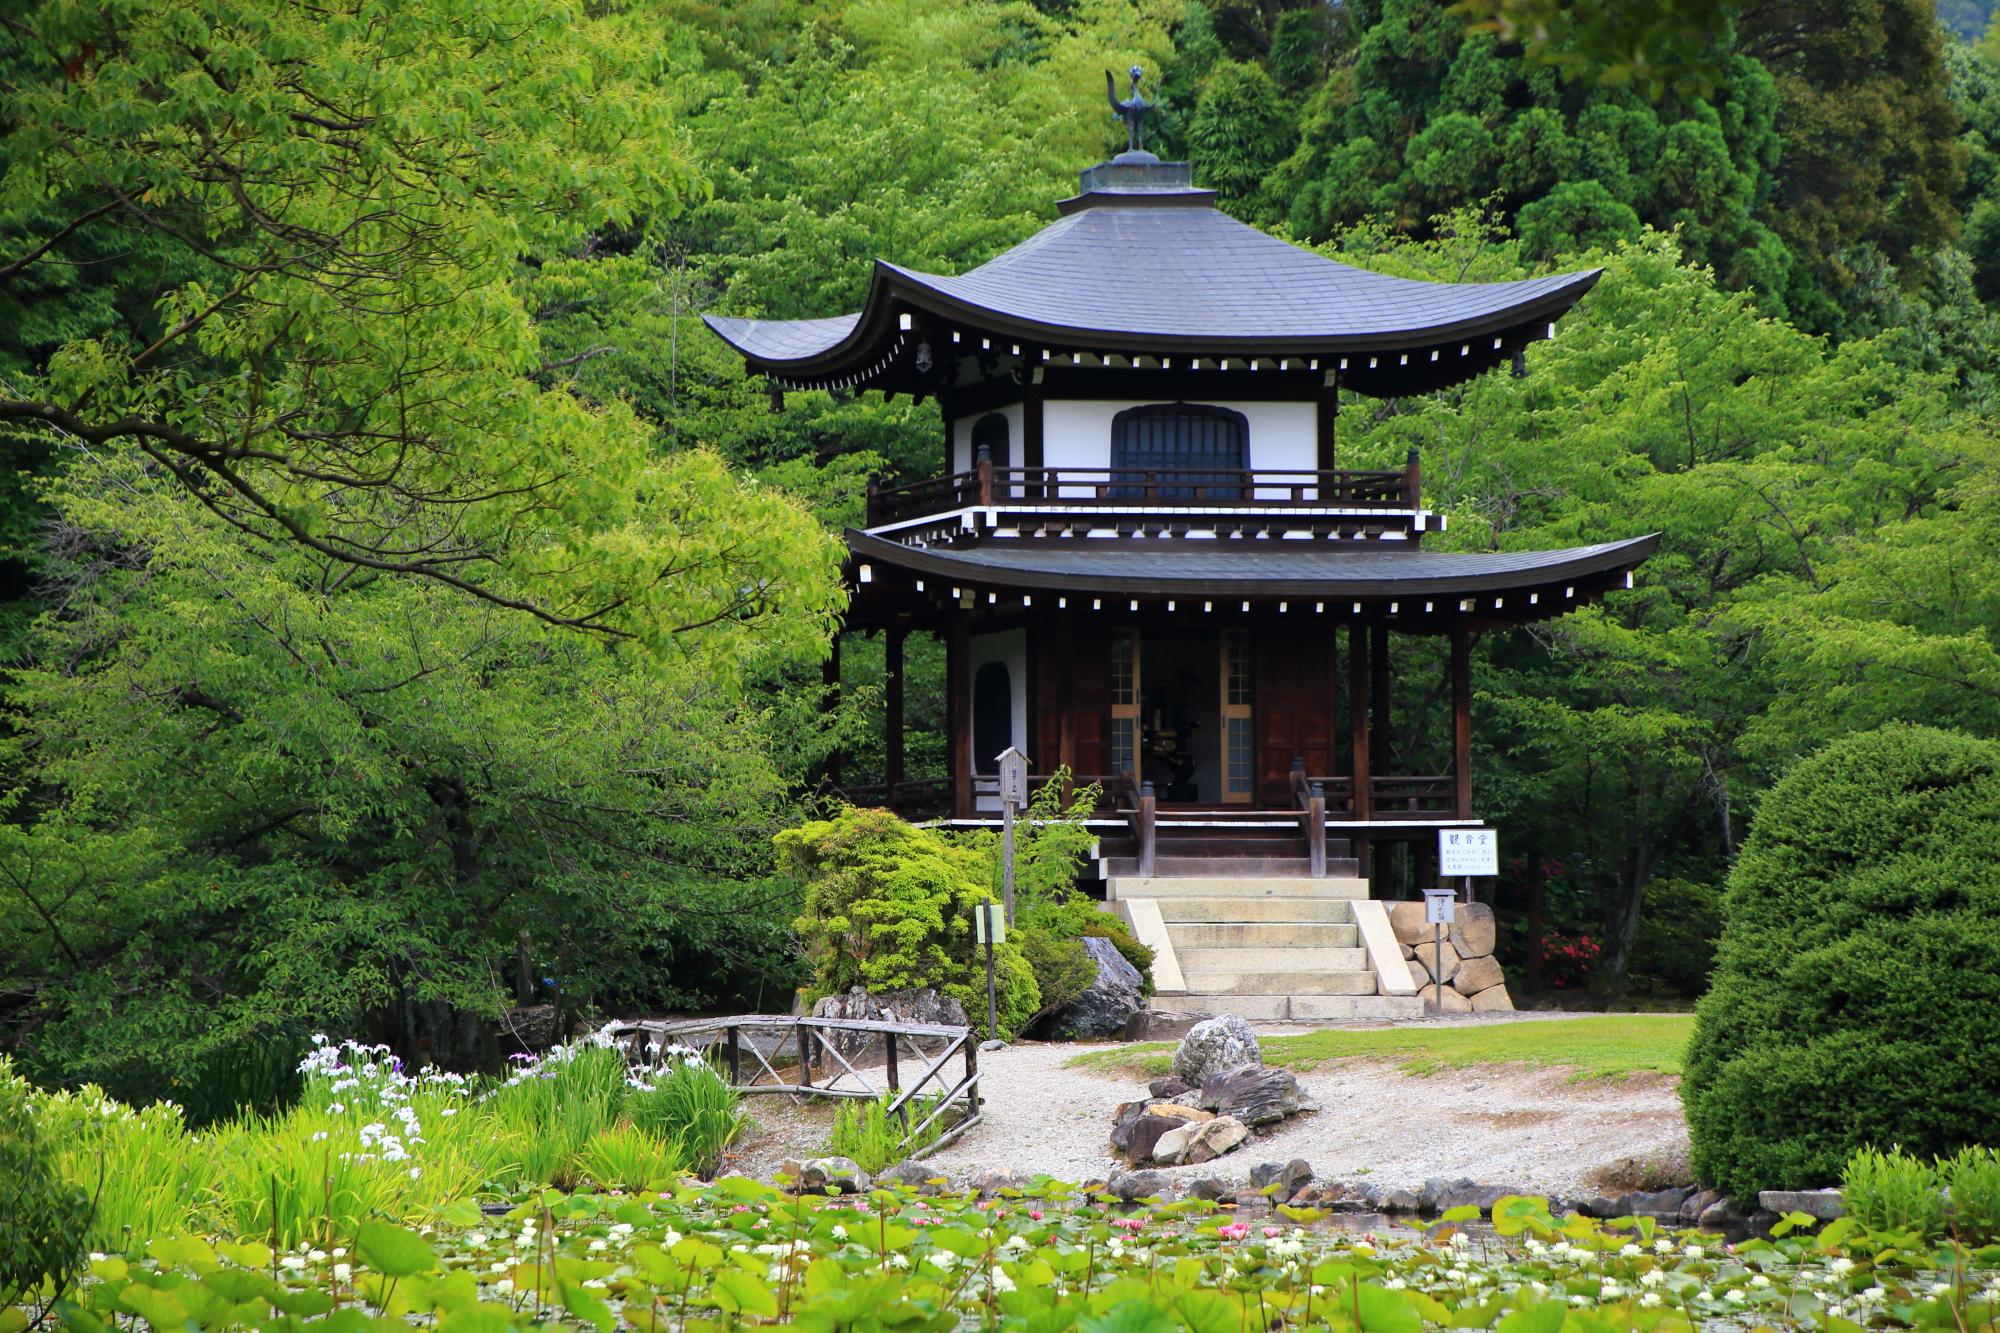 背景は深い緑につつまれた勧修寺の観音堂と氷室池の睡蓮と花菖蒲